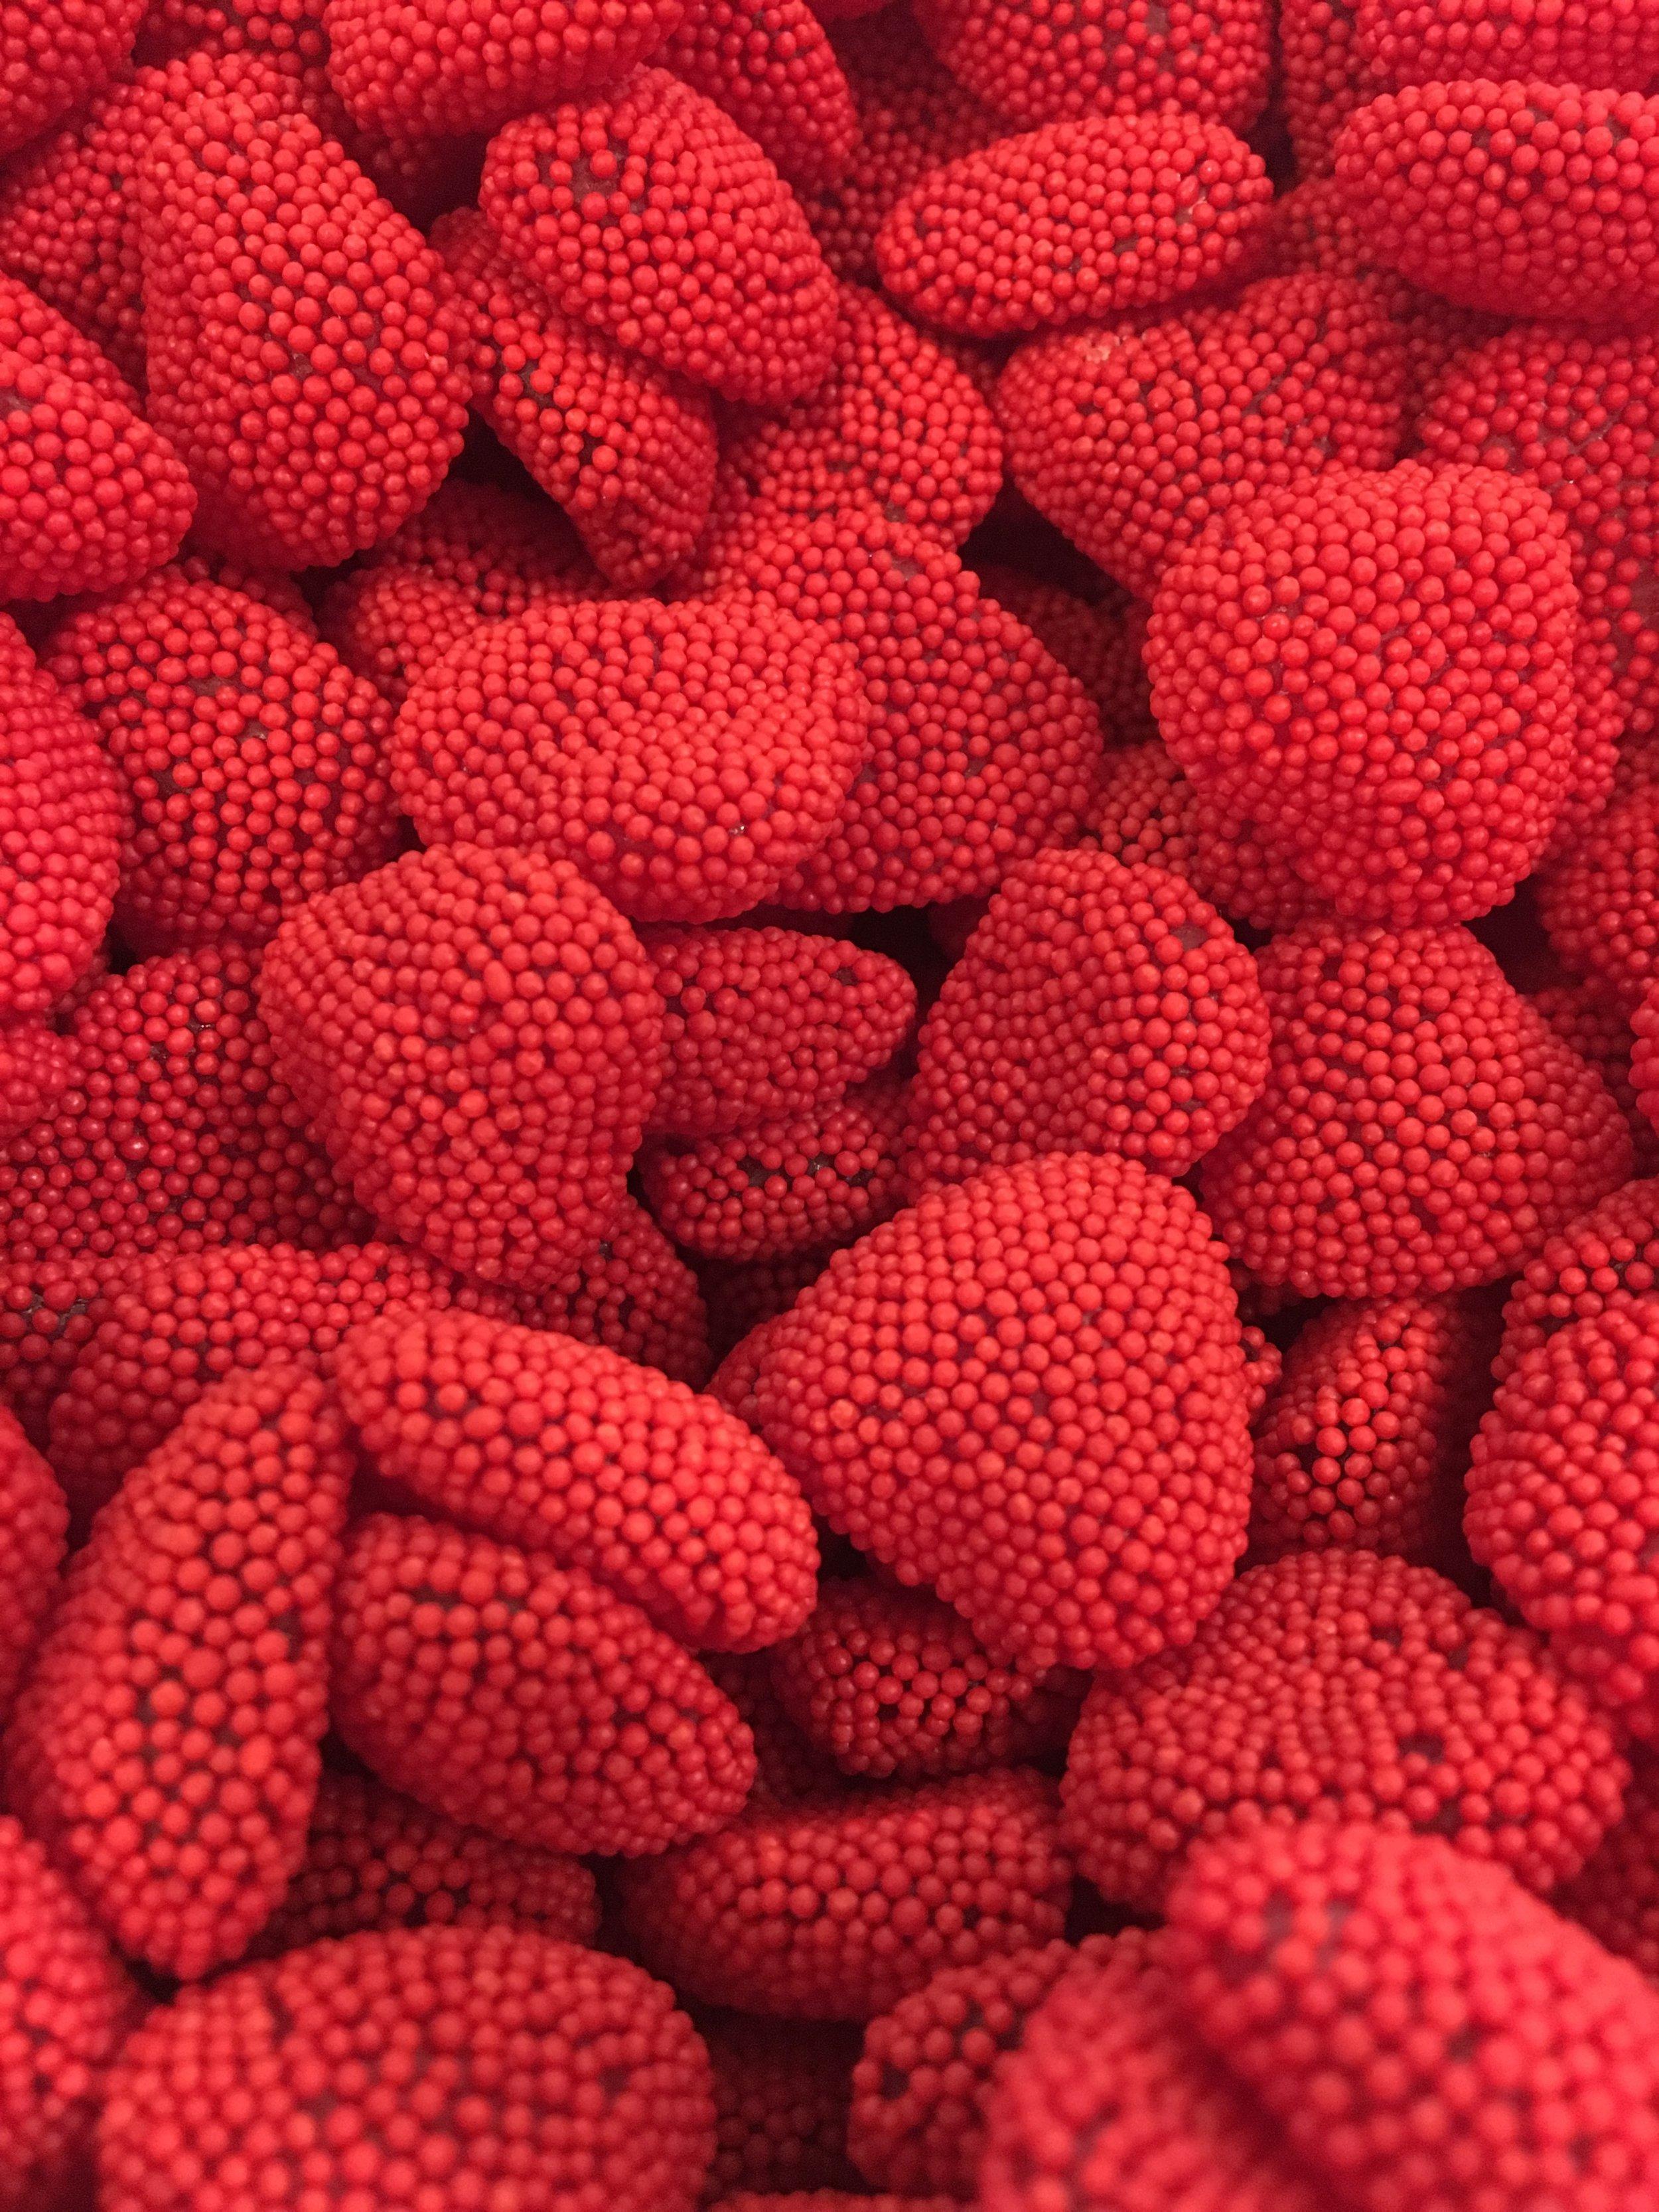 Raspberry Hearts    1 lb. - $8.95 1/2 lb. - $4.50 1/4 lb. - $2.25